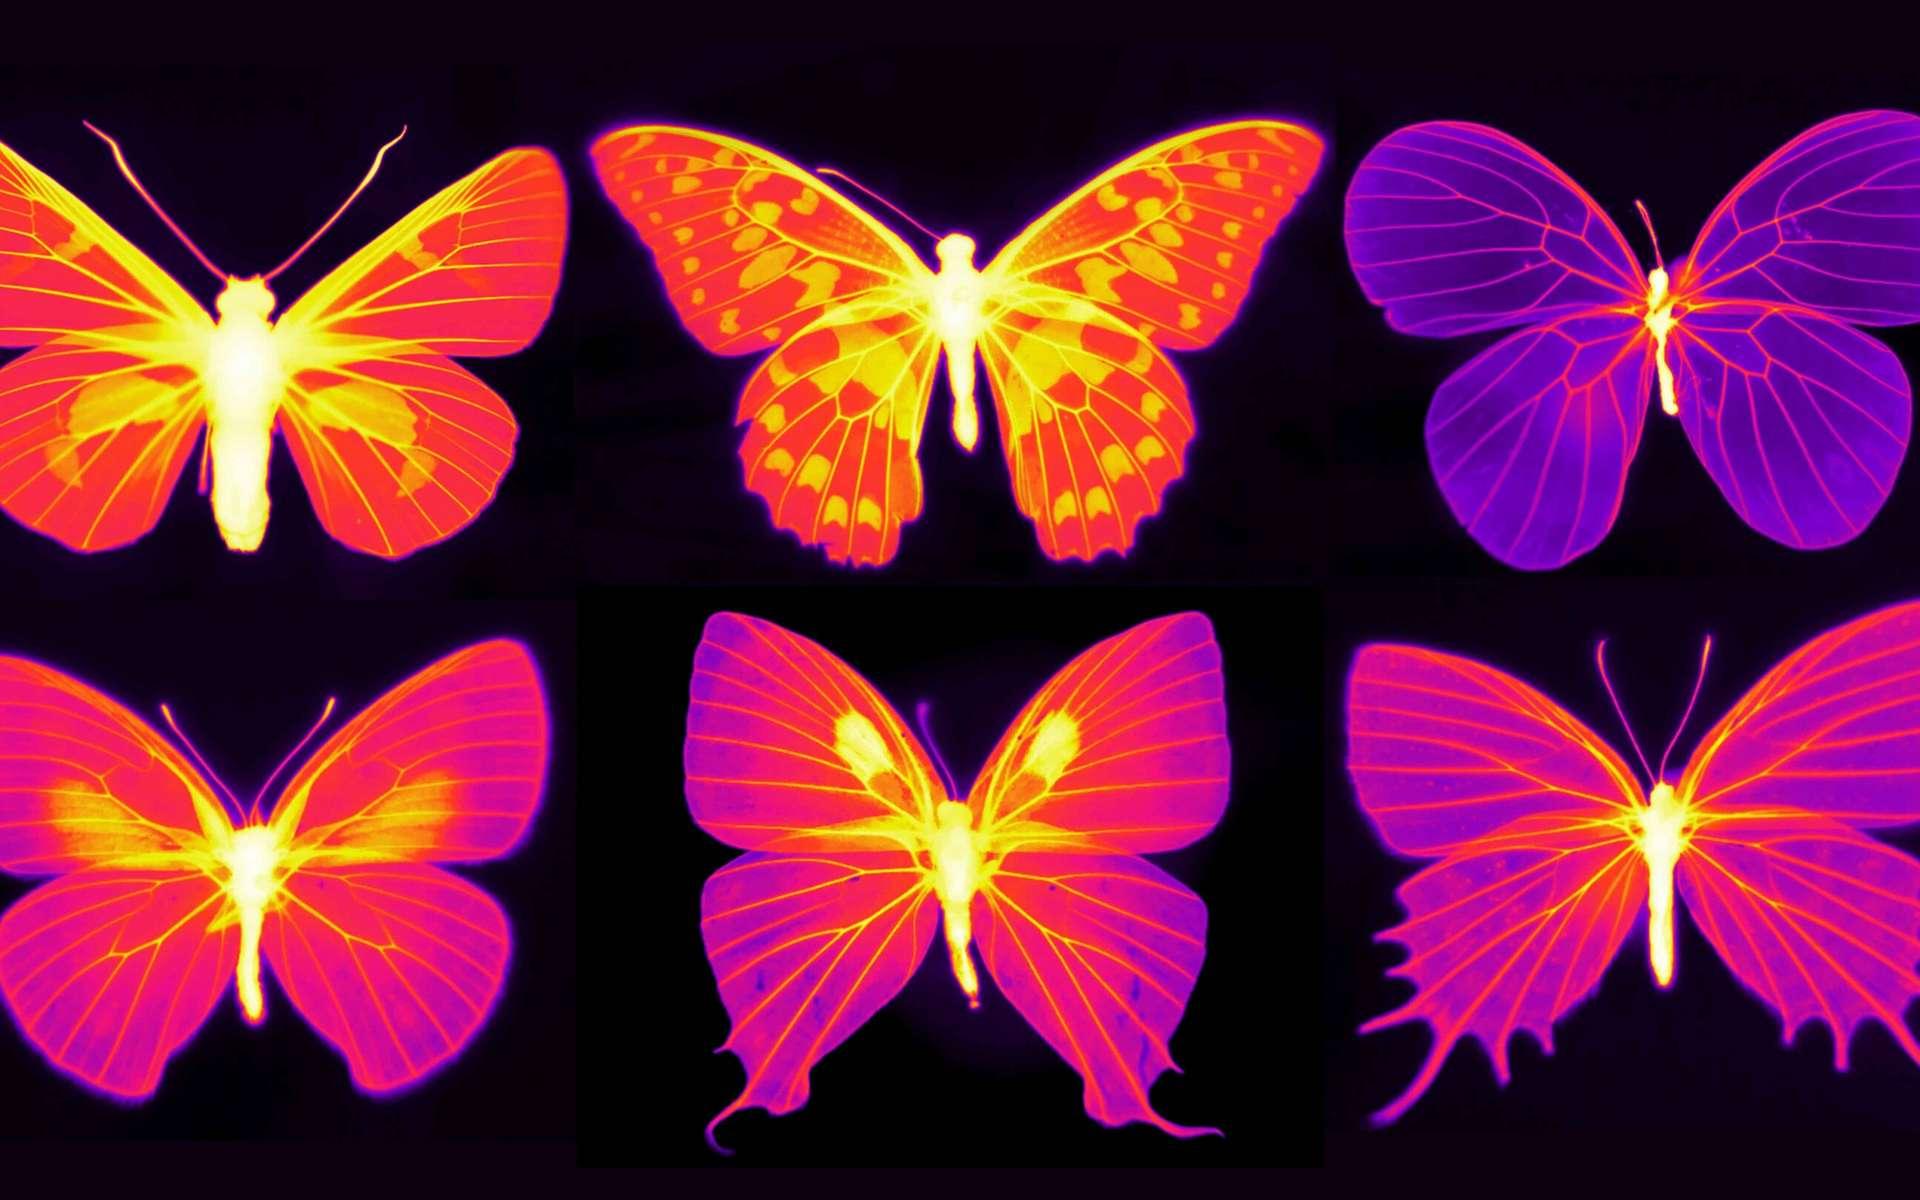 Les ailes des papillons contiennent des cellules vivantes dont la fonction nécessite des températures appropriées. © Nanfang Yu et Cheng-Chia Tsai, Columbia Engineering